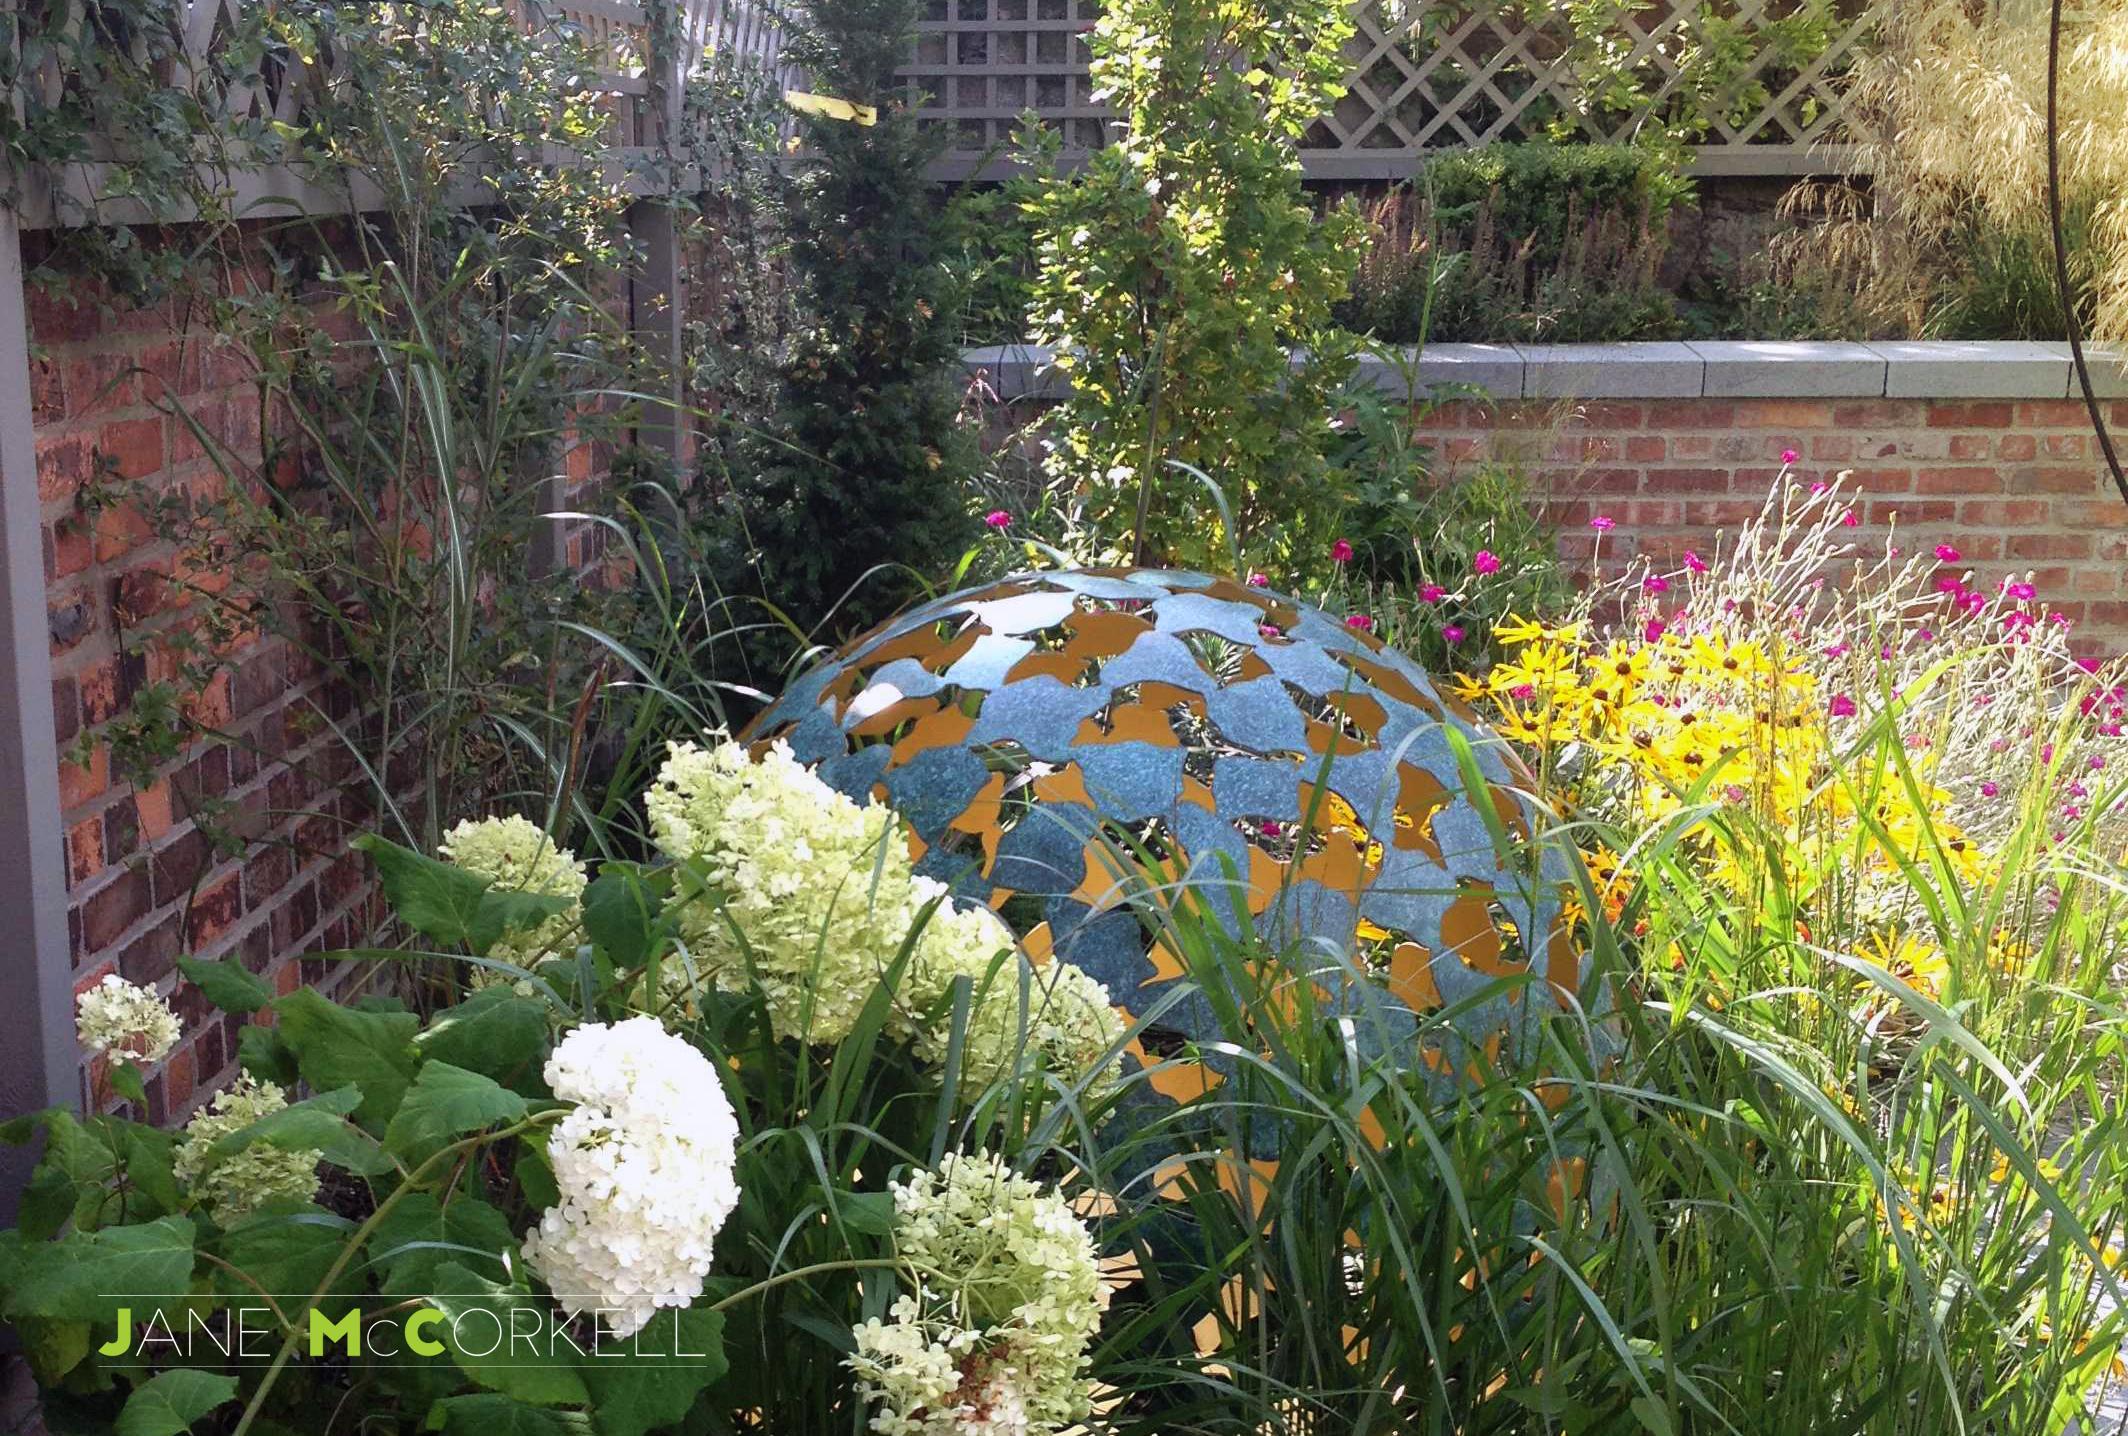 Private garden Dublin